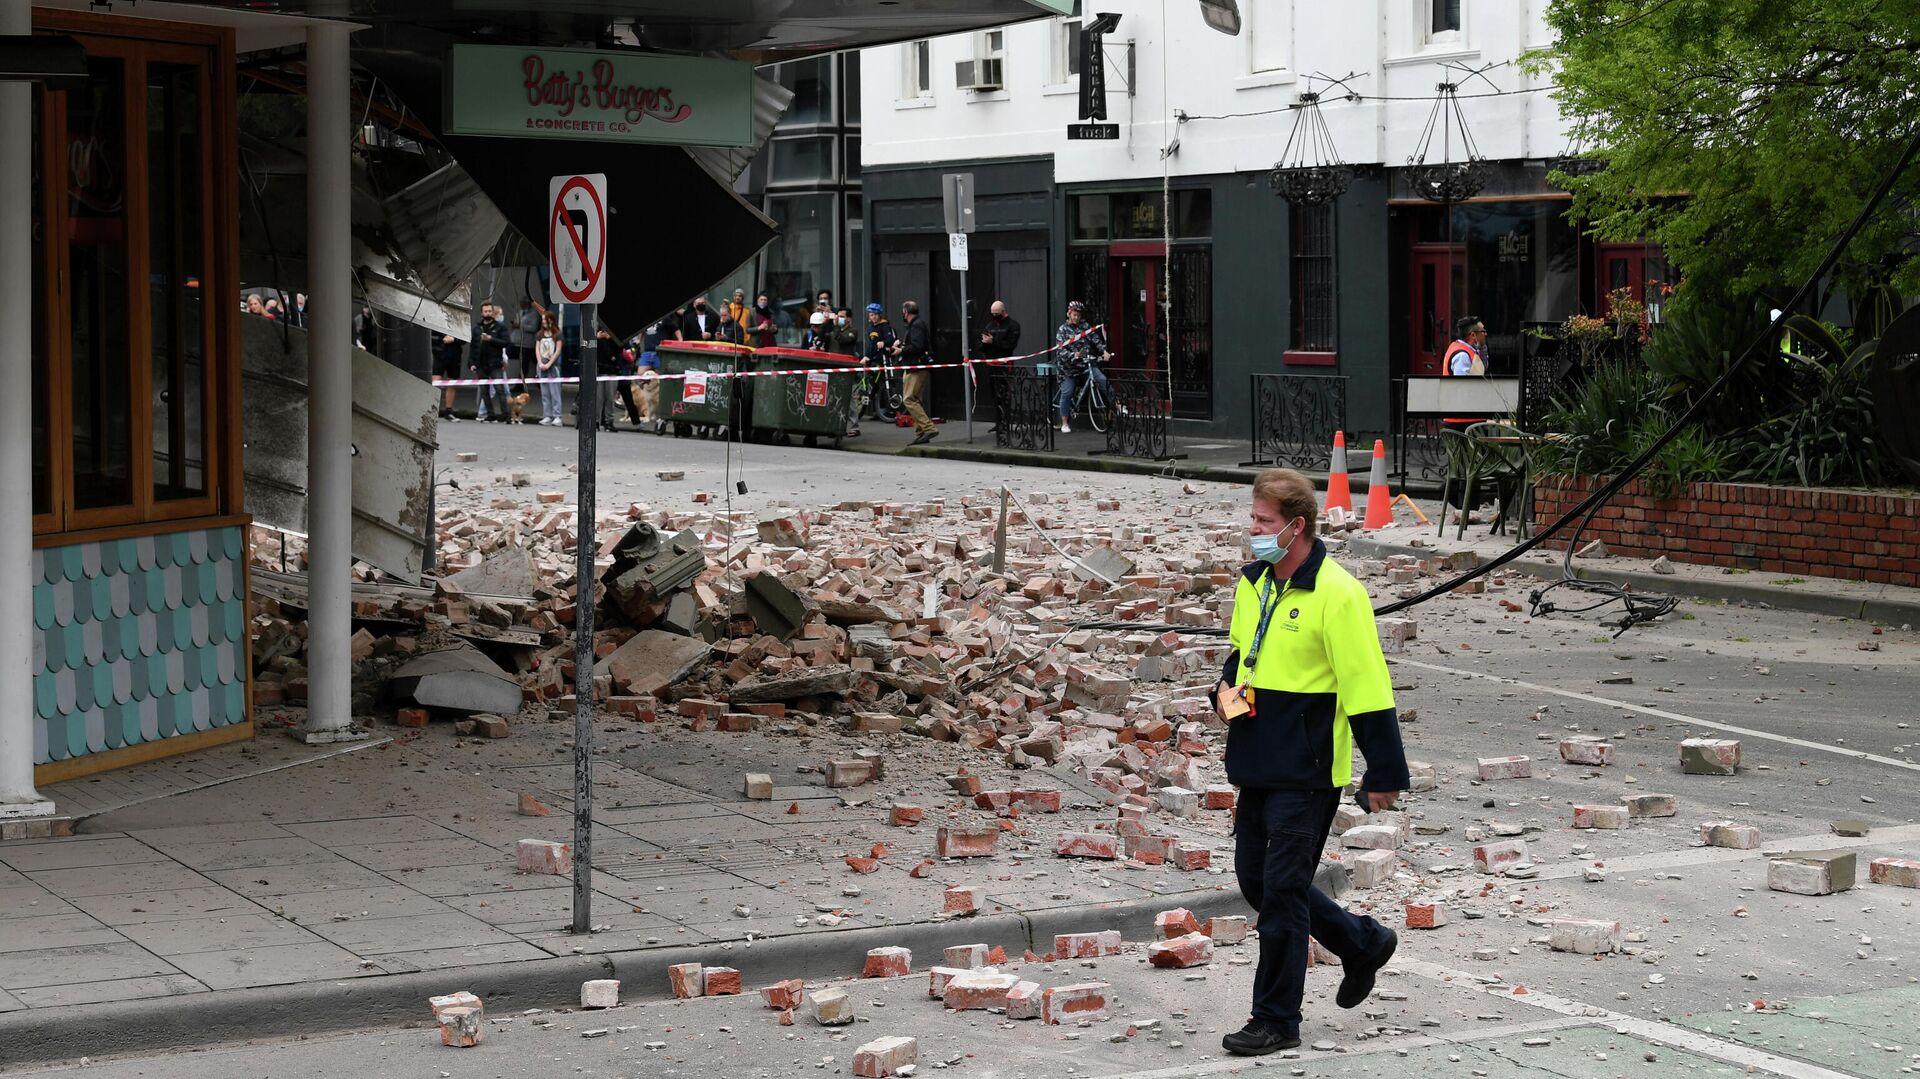 Nach Erdbeben in Südostaustralien: Trümmer auf einer Straße von Melbourn - SNA, 1920, 22.09.2021